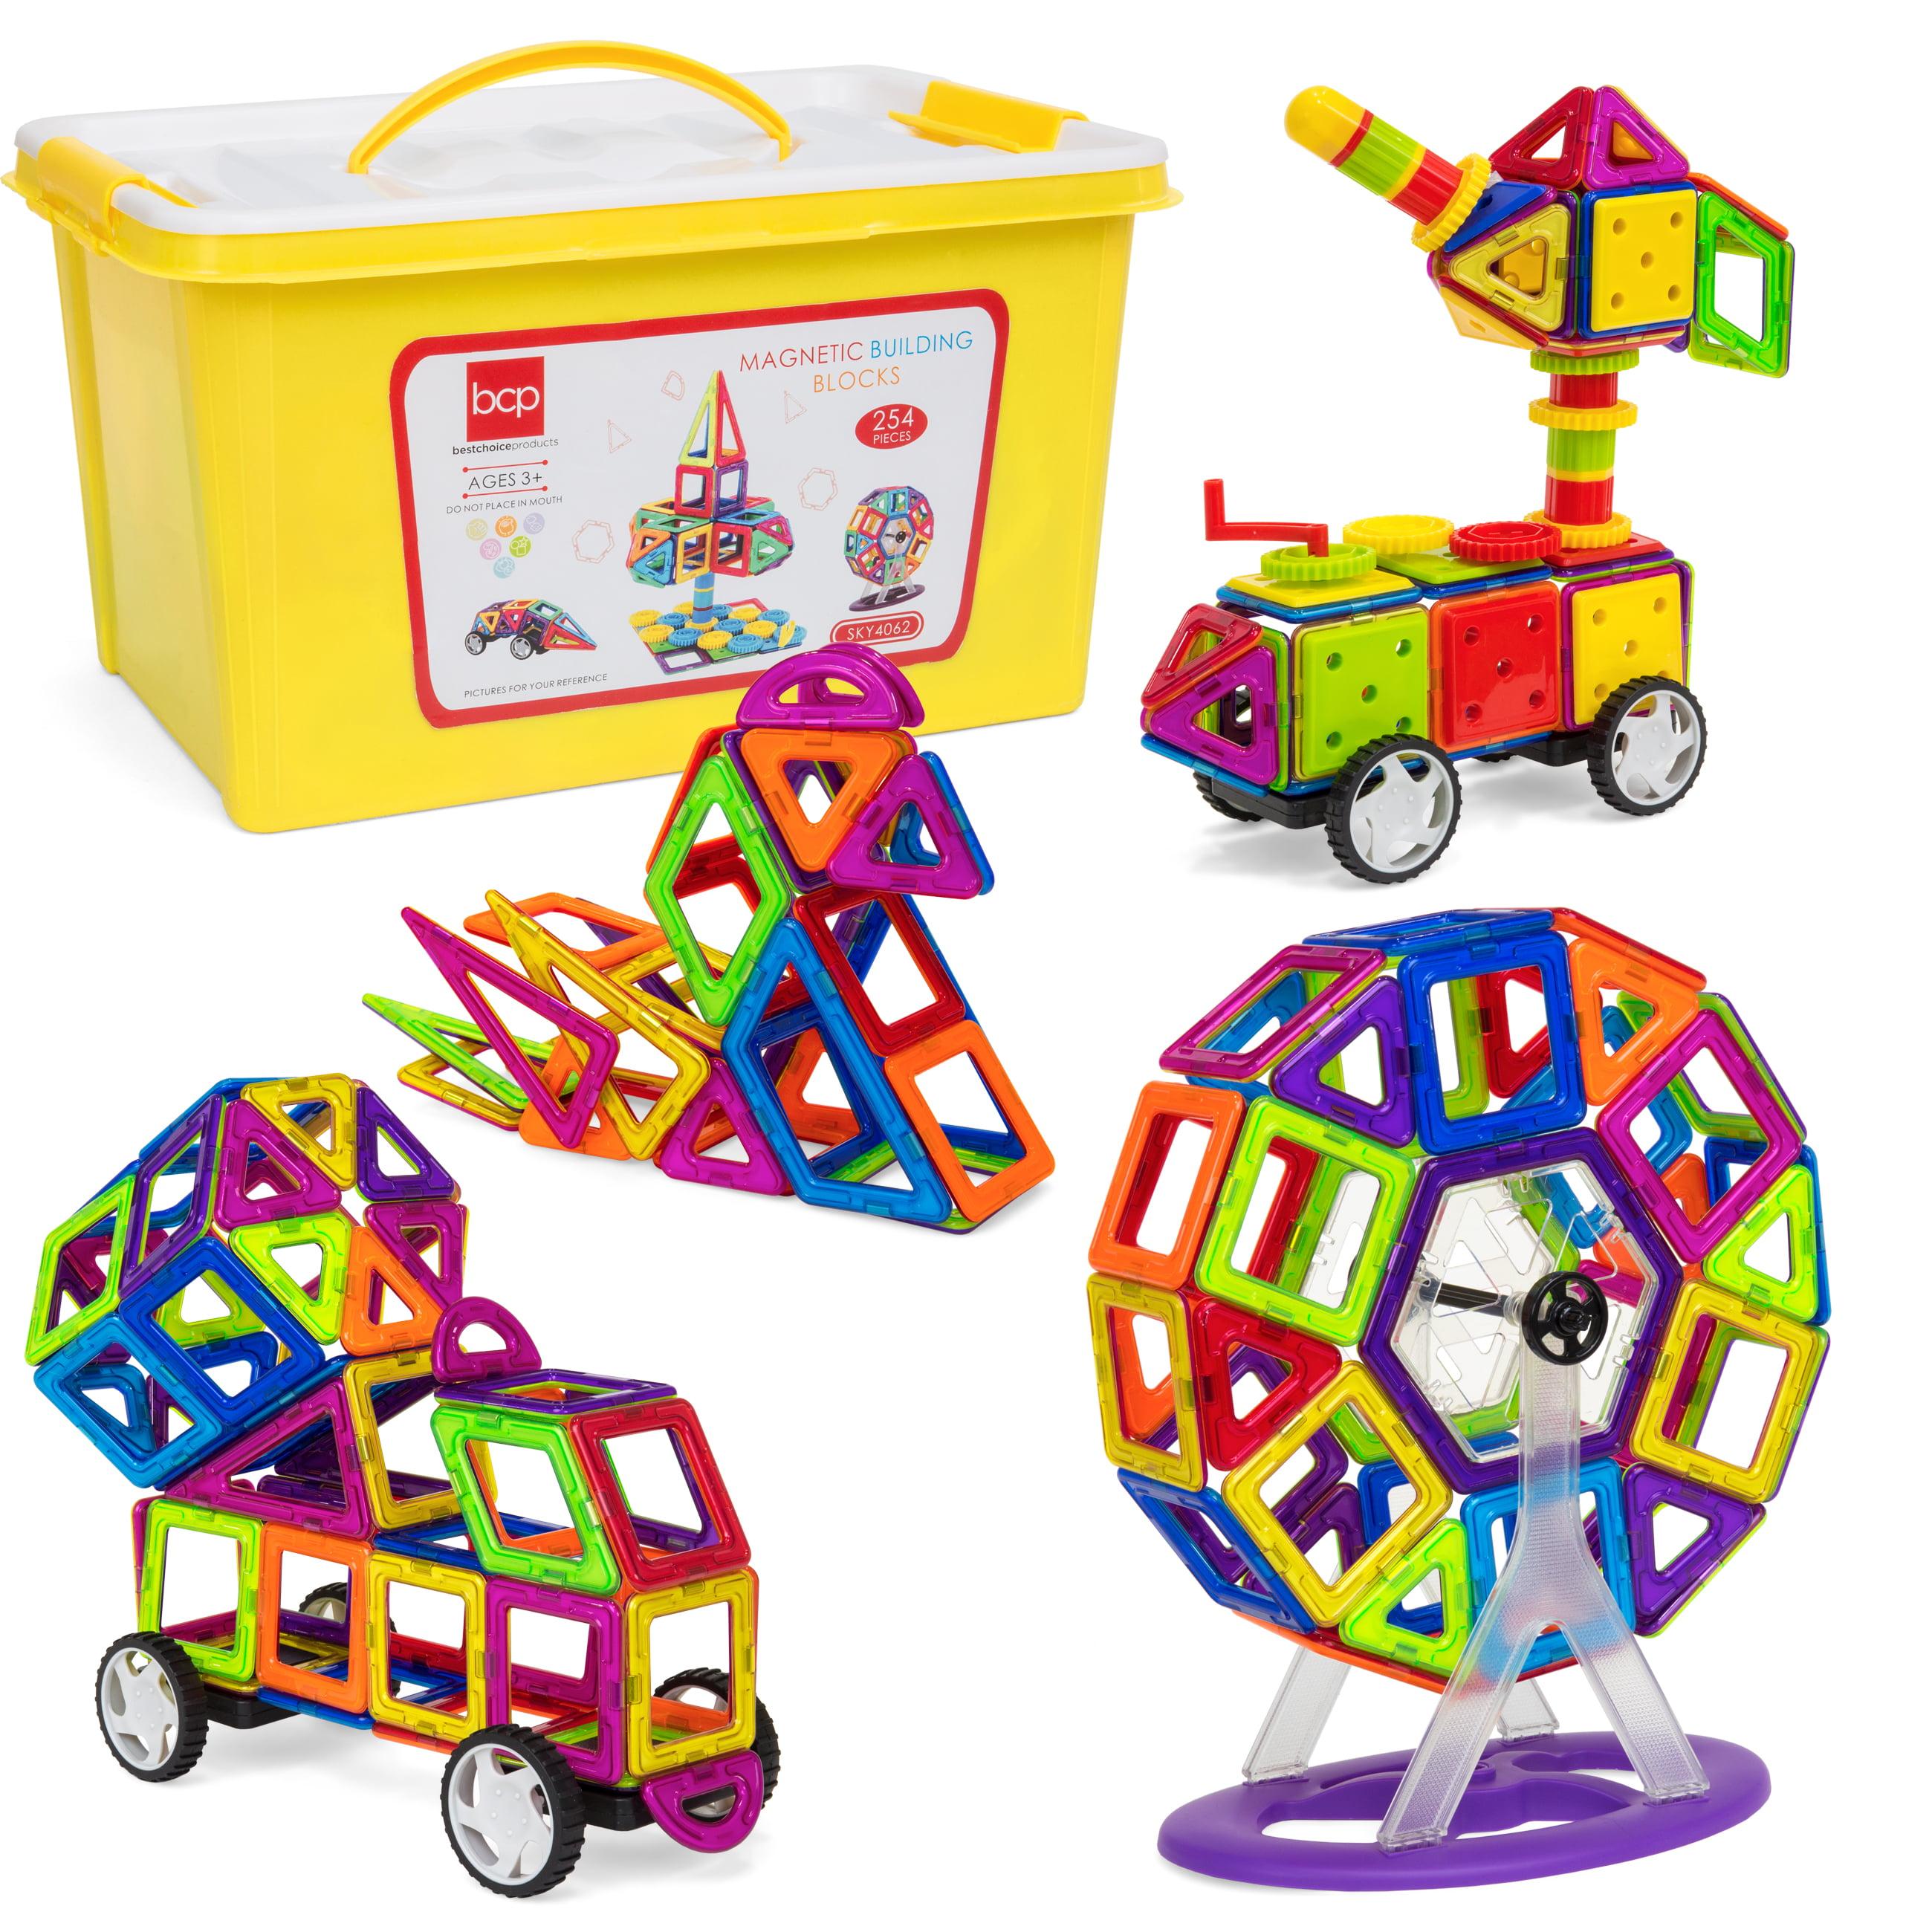 Best Choice Products 254 Piece Kids Magnetic Building Block Tiles Educational Stem Toy Set W Storage Box Multicolor Walmart Com Walmart Com